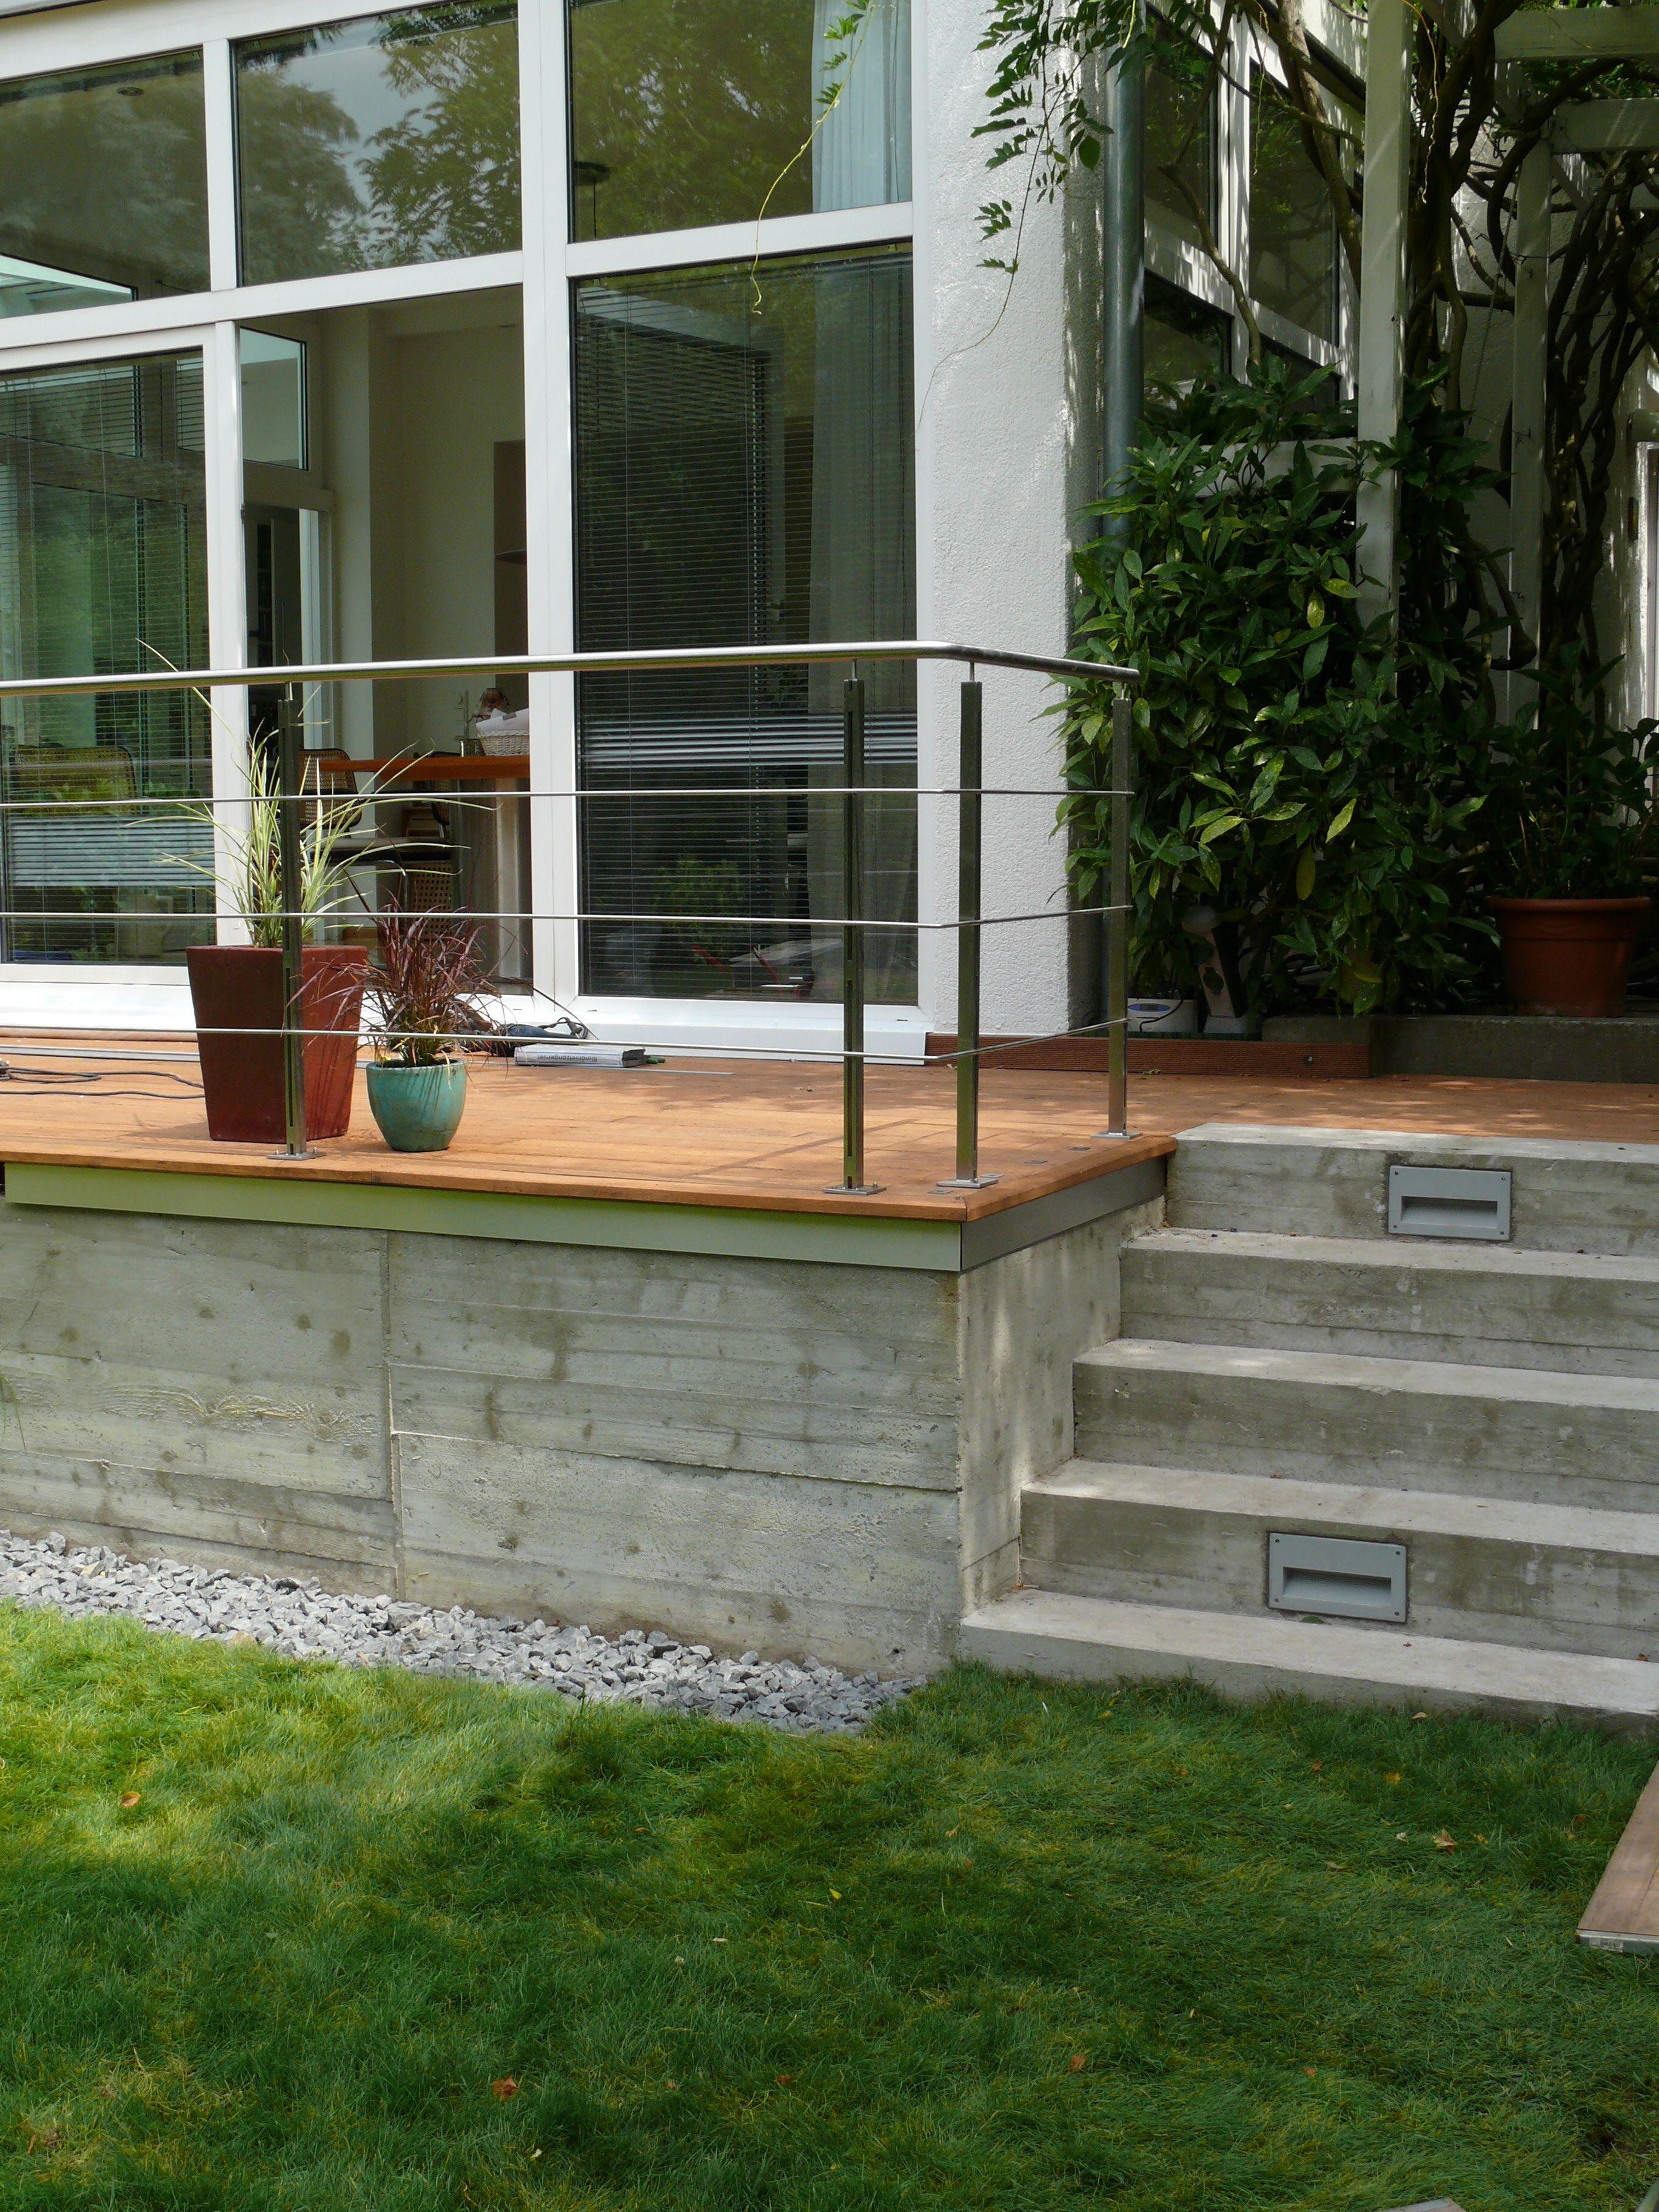 einfamilienhaus berlin terrassenanbau aus beton und eichendielen